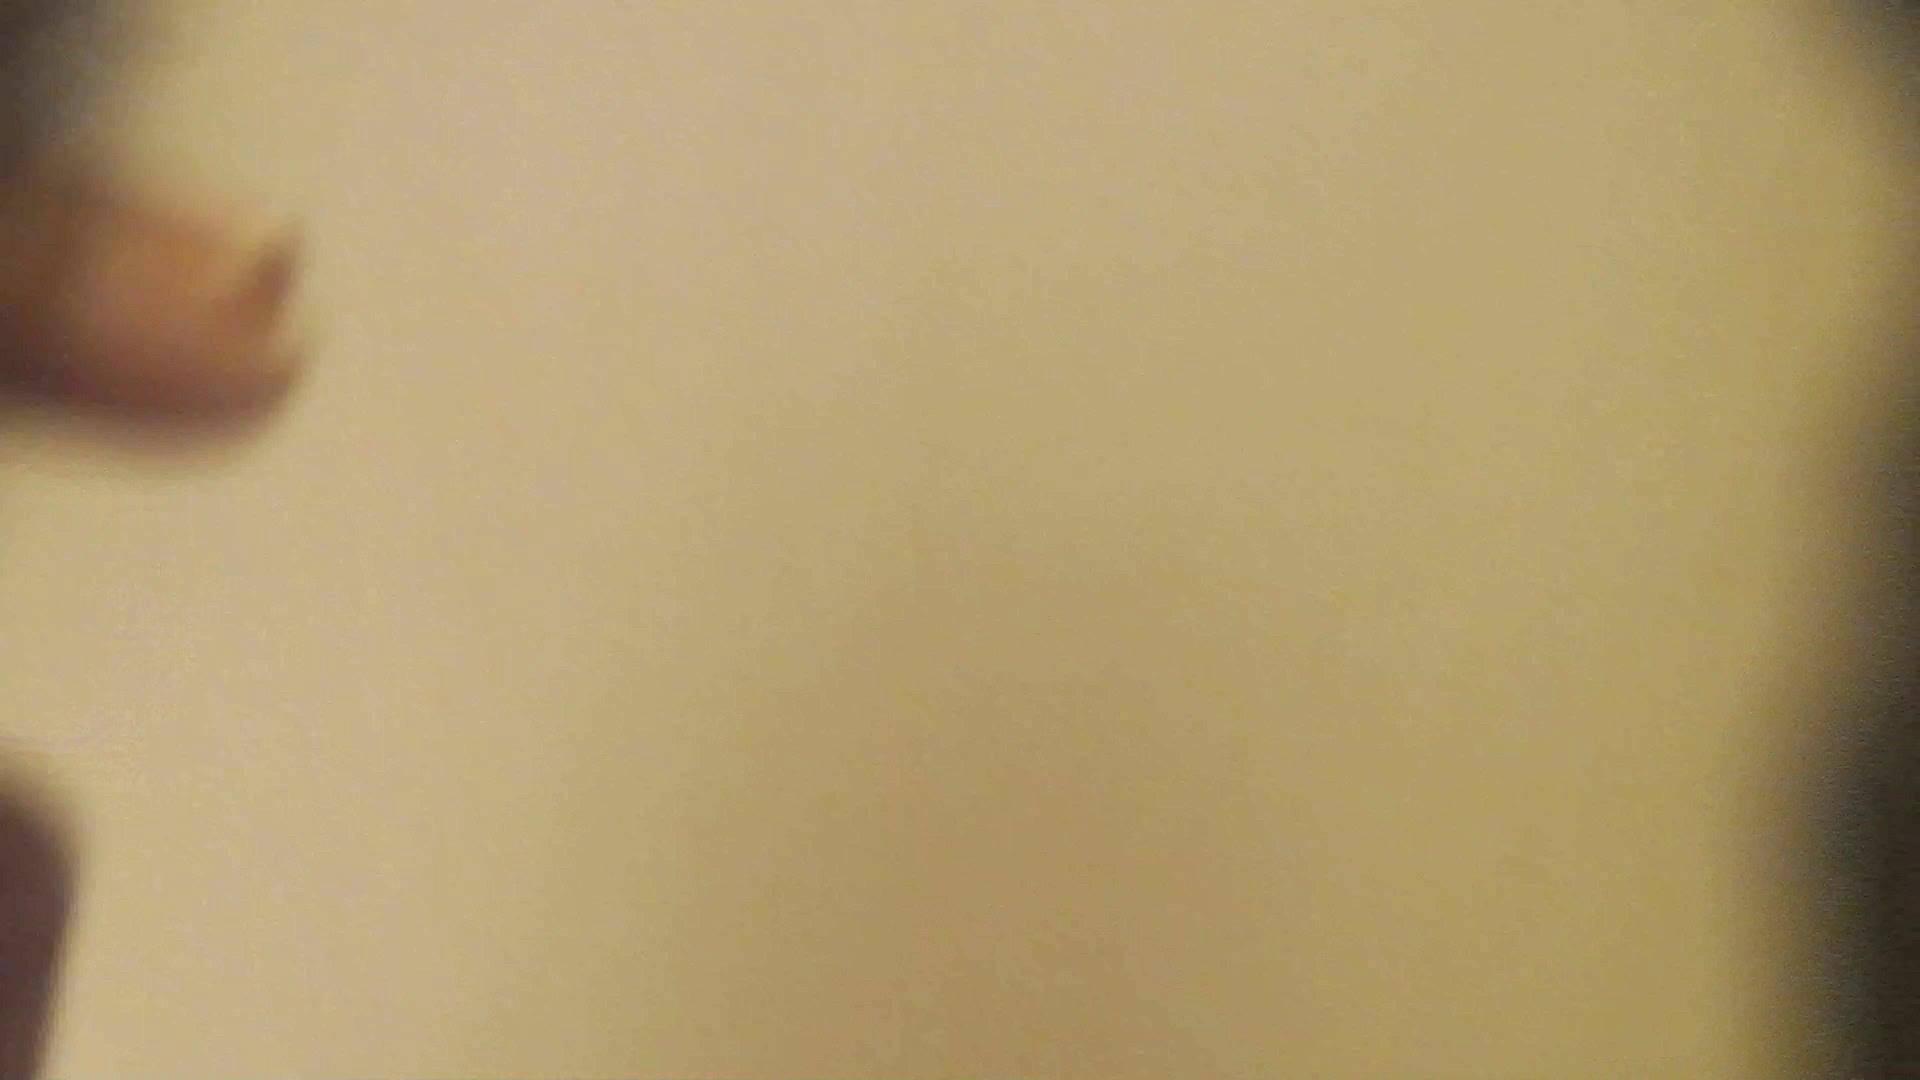 阿国ちゃんの「和式洋式七変化」No.5 洗面所  92PIX 24